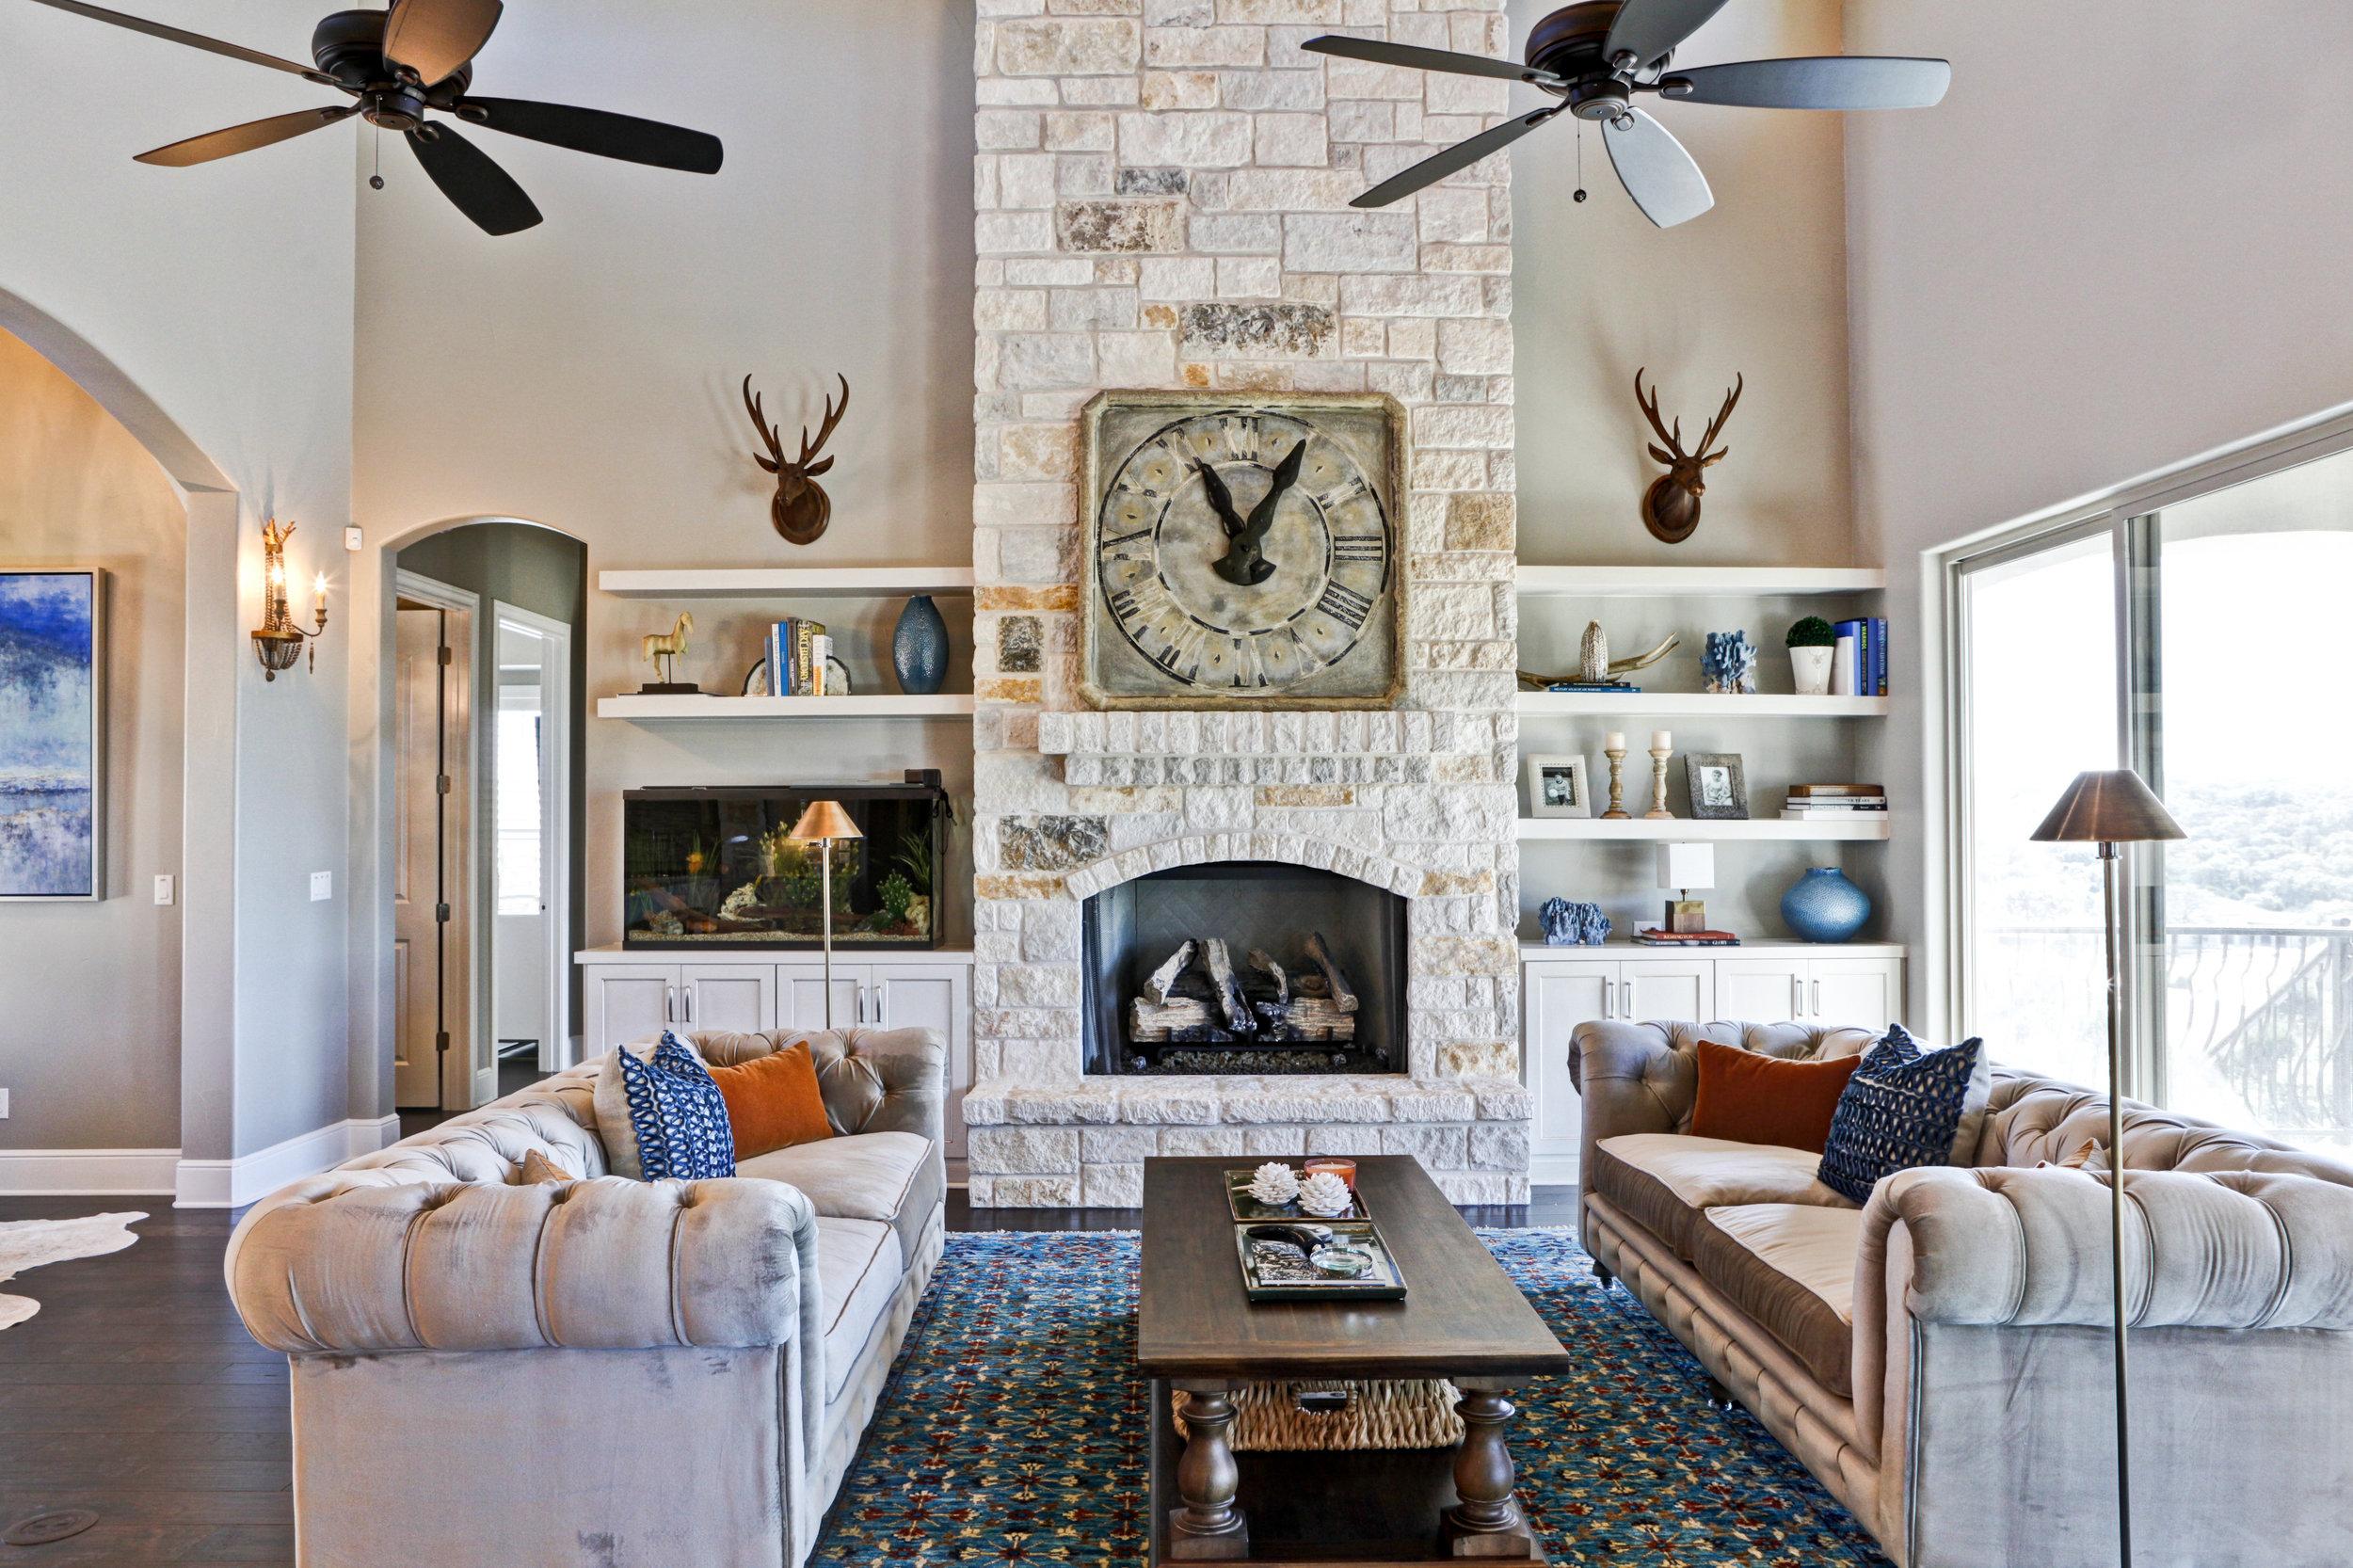 22-living room - 2.jpg